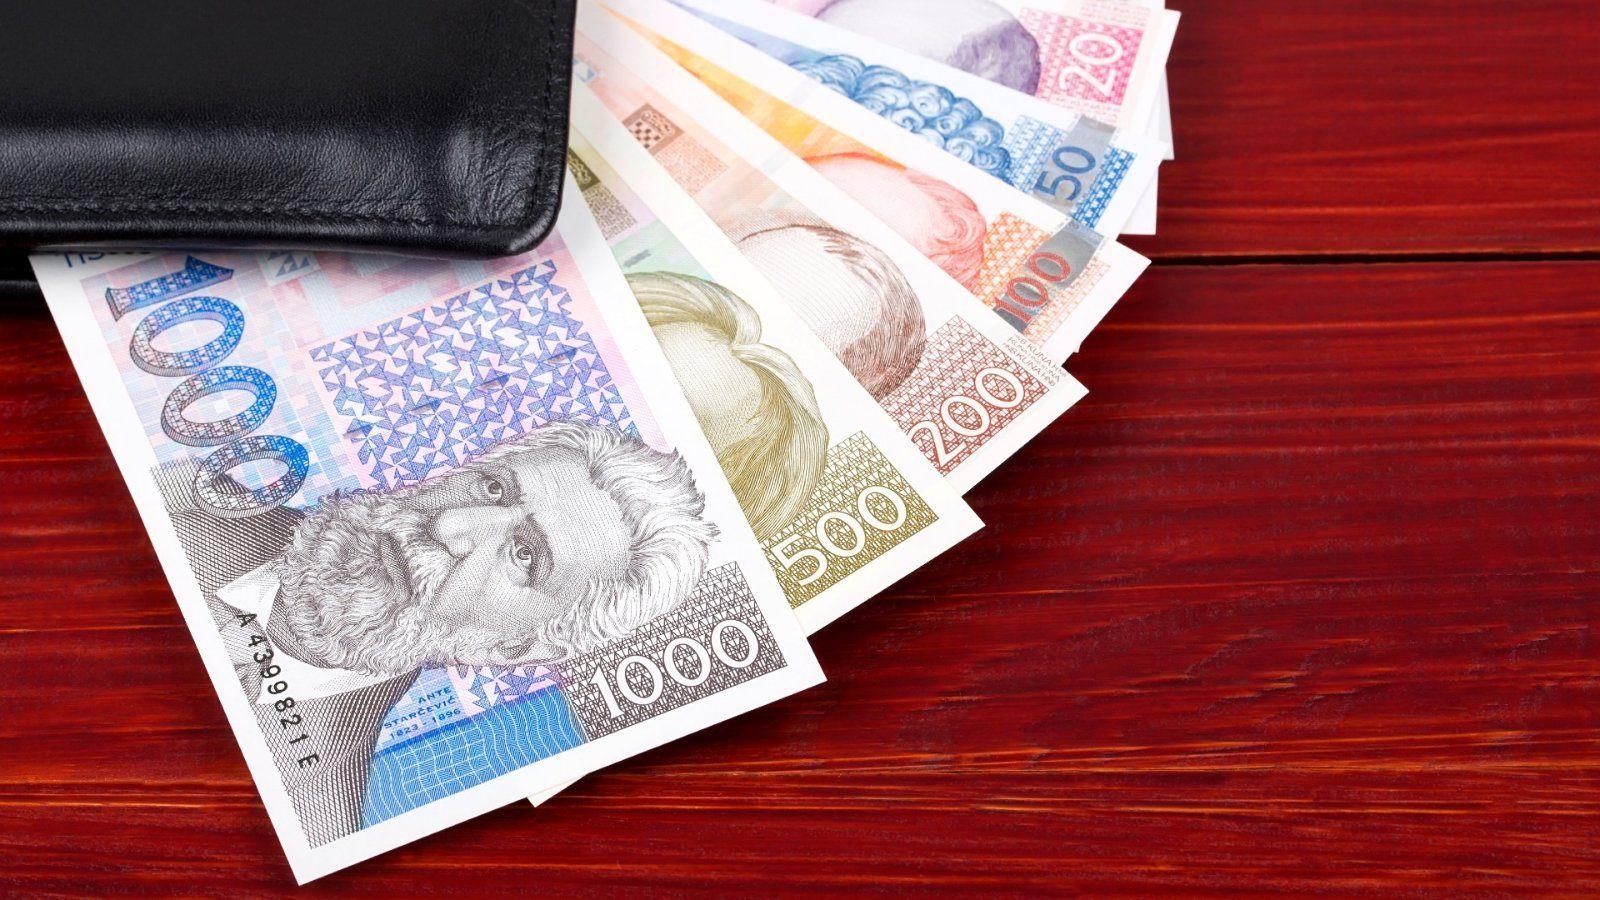 croatian-currency-kuna